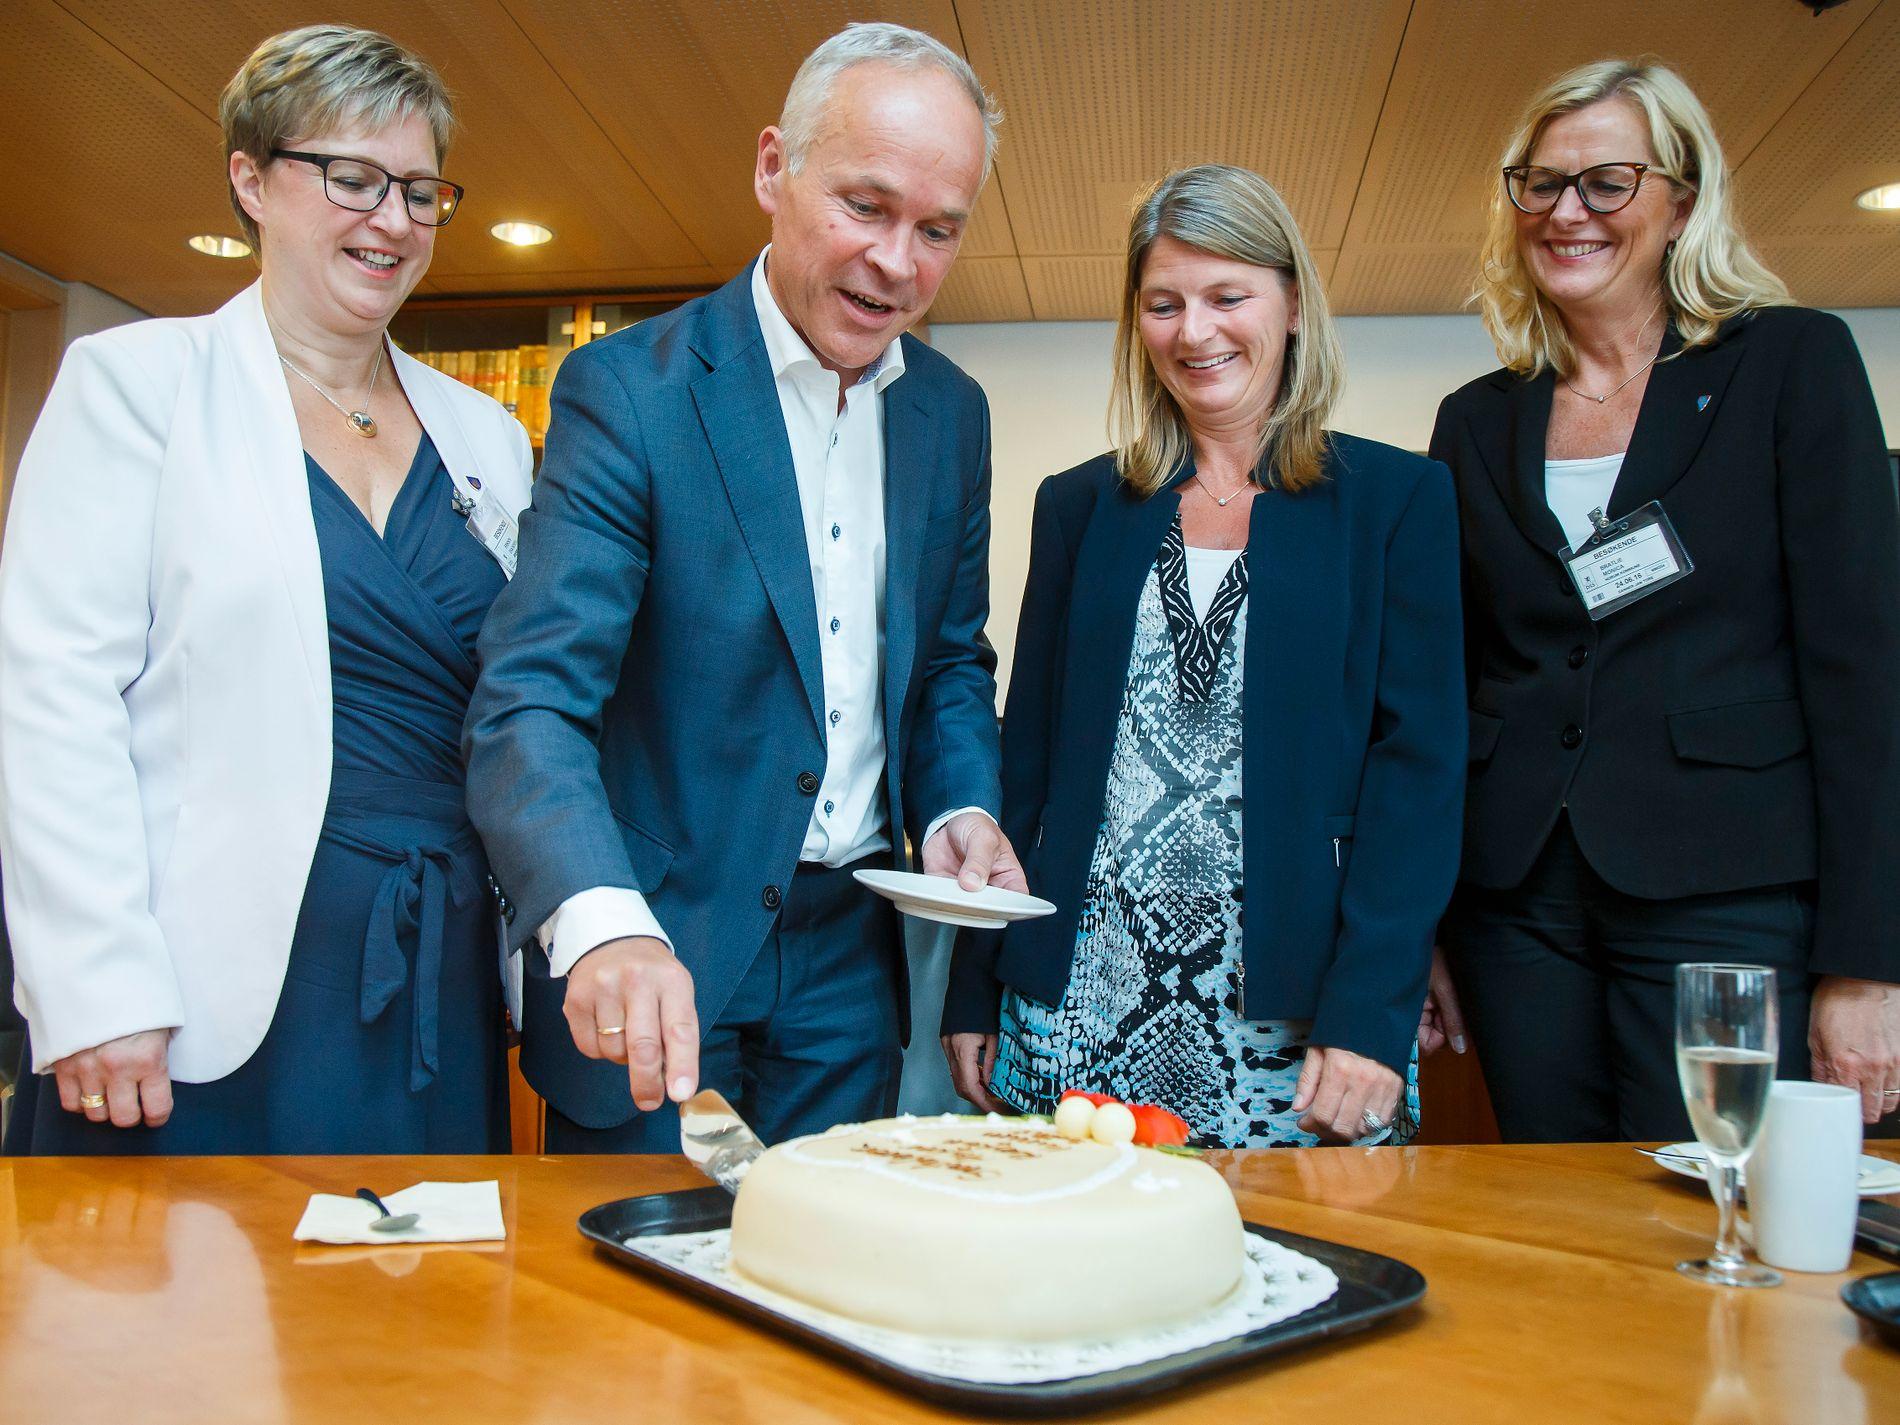 KAKE: Kommunal- og moderniseringsminister Jan Tore Sanner serverer kake til ordførerne Eva Noren Eriksen fra Røyken (tv), Lene Conradi fra Asker og Monica Vee Bratlie fra Hurum (th) i anledning av at de tre kommunene vedtok å slå seg sammen.